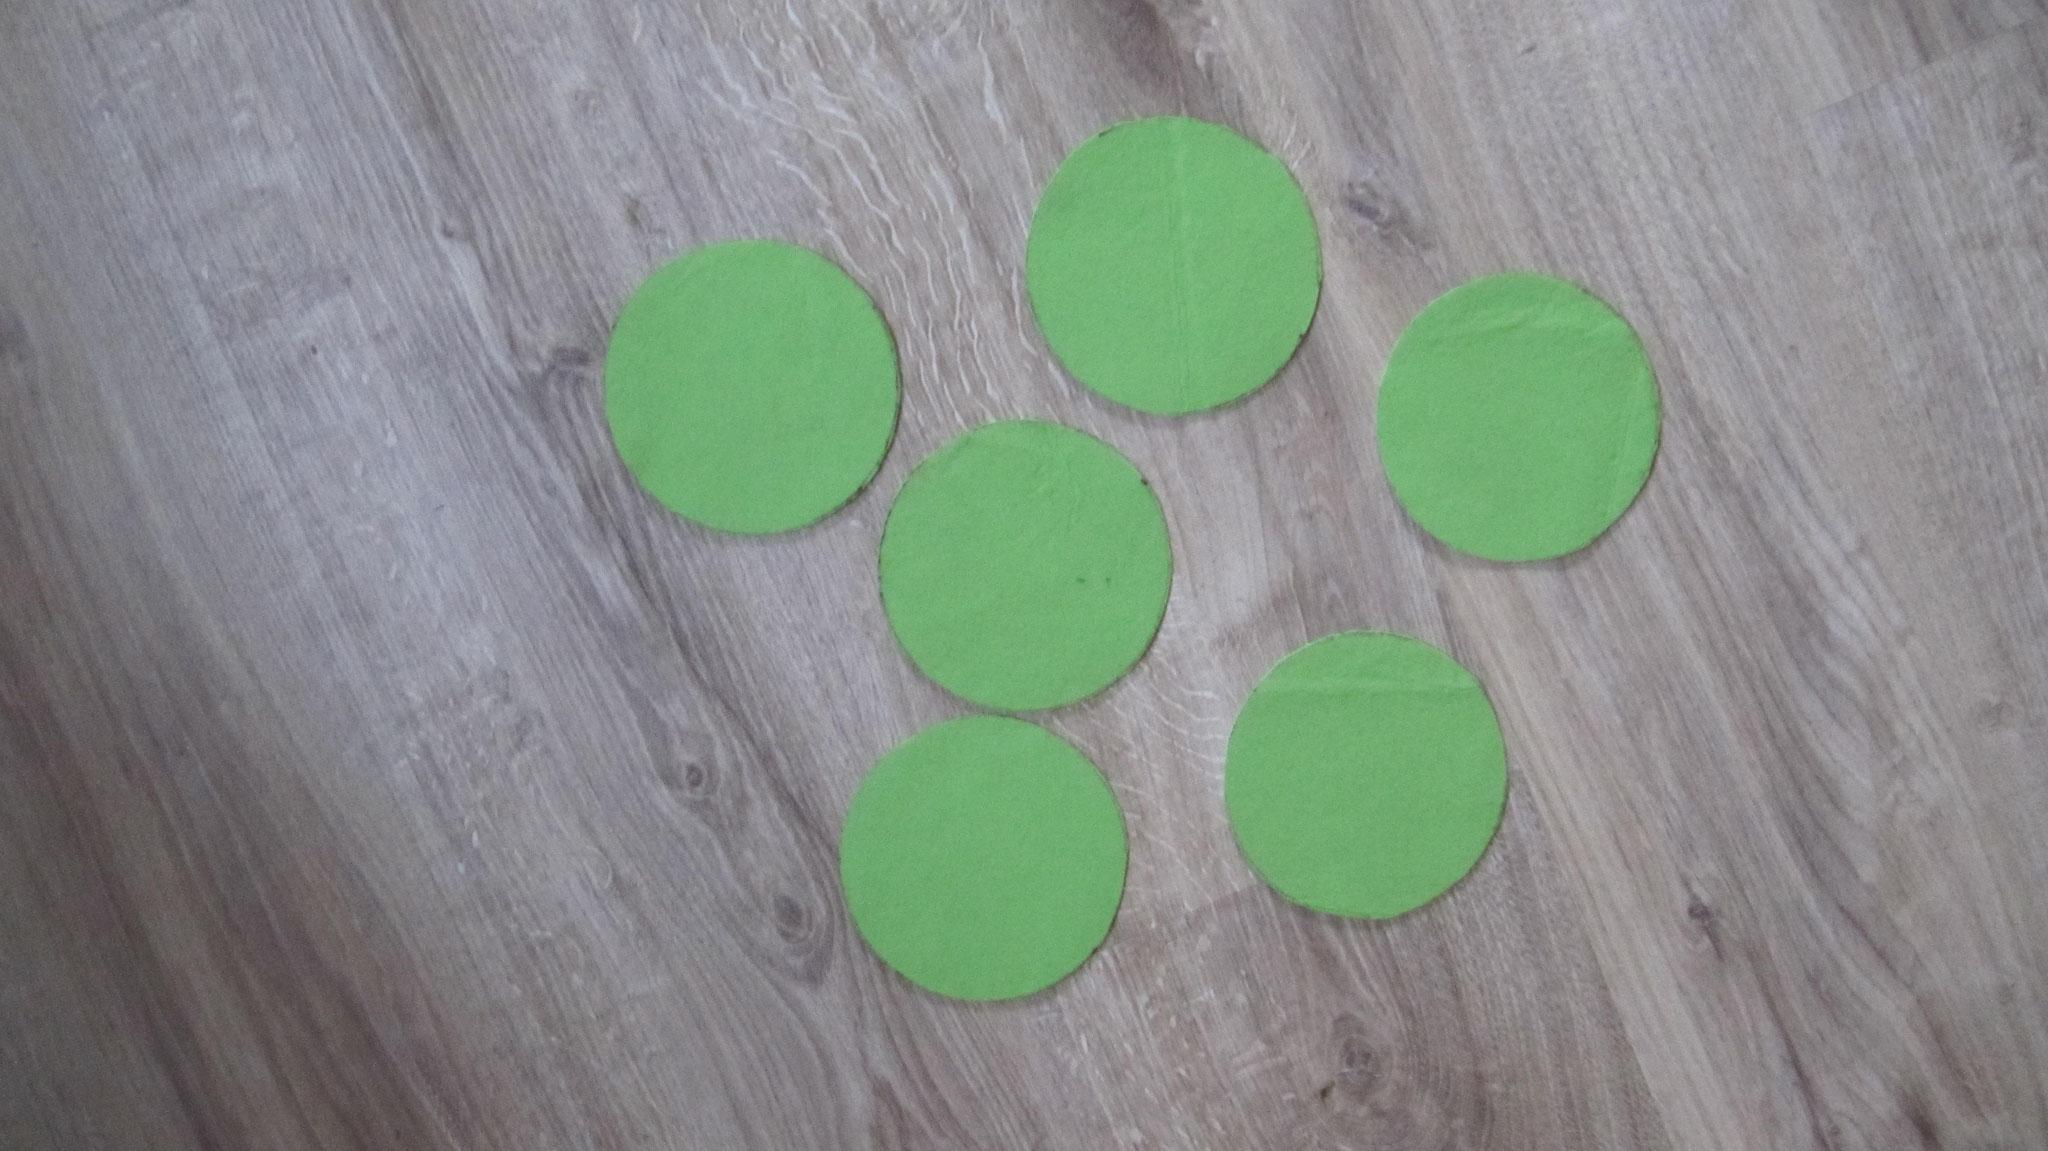 1. Schneide dir 6 gleich große Kreise aus. Ich verwende eine Schüssel mit ca. 10 cm Durchmesser als Schablone.